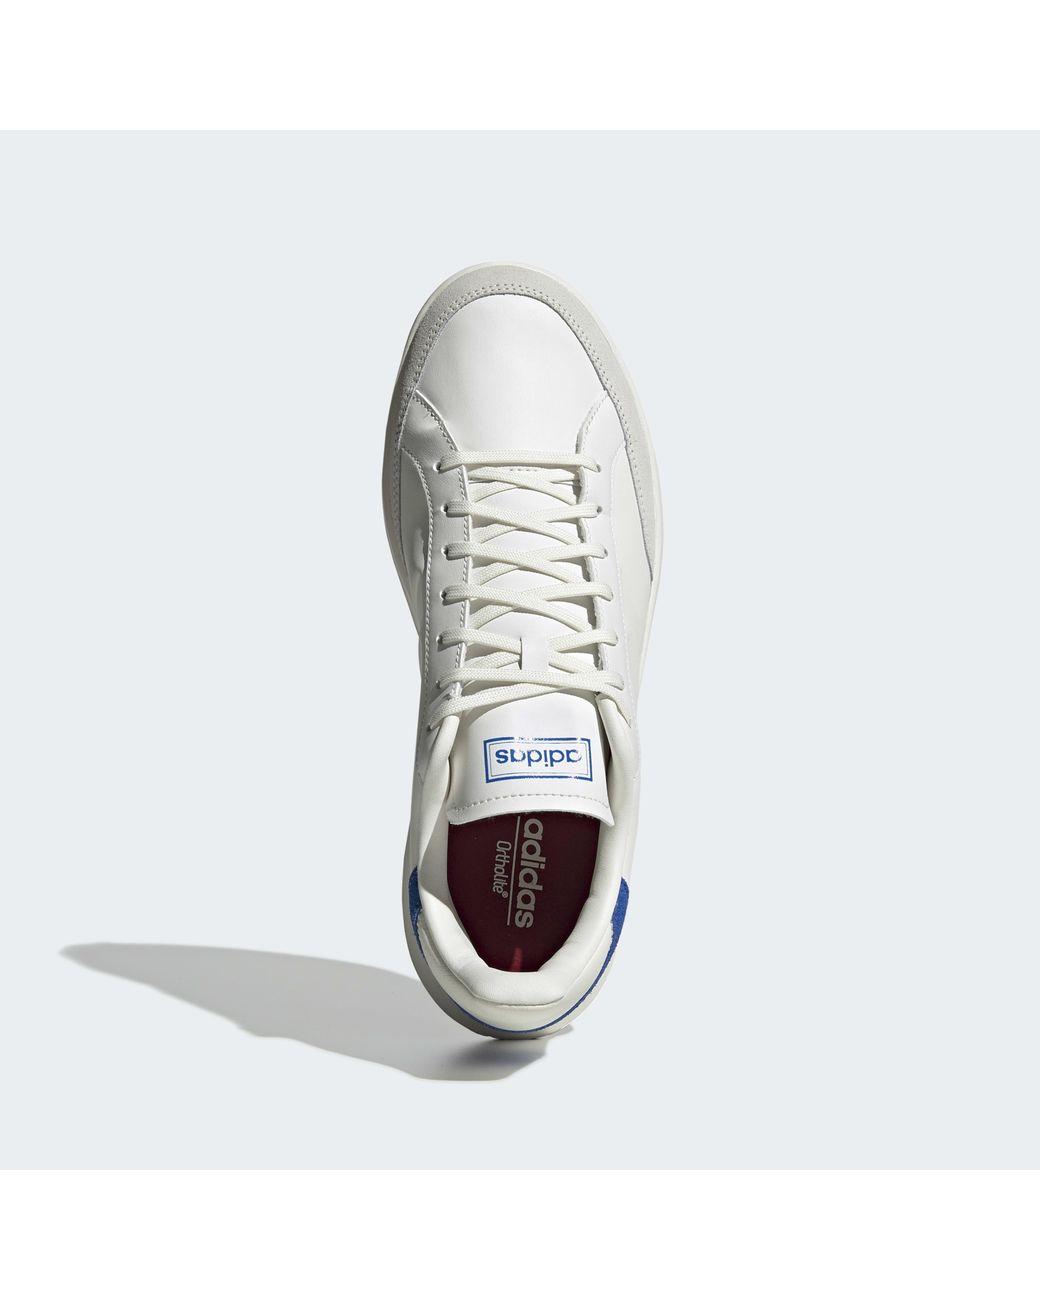 Herren Schuh in Lyst Weiß für adidas Netpoint wZTlOkXiPu